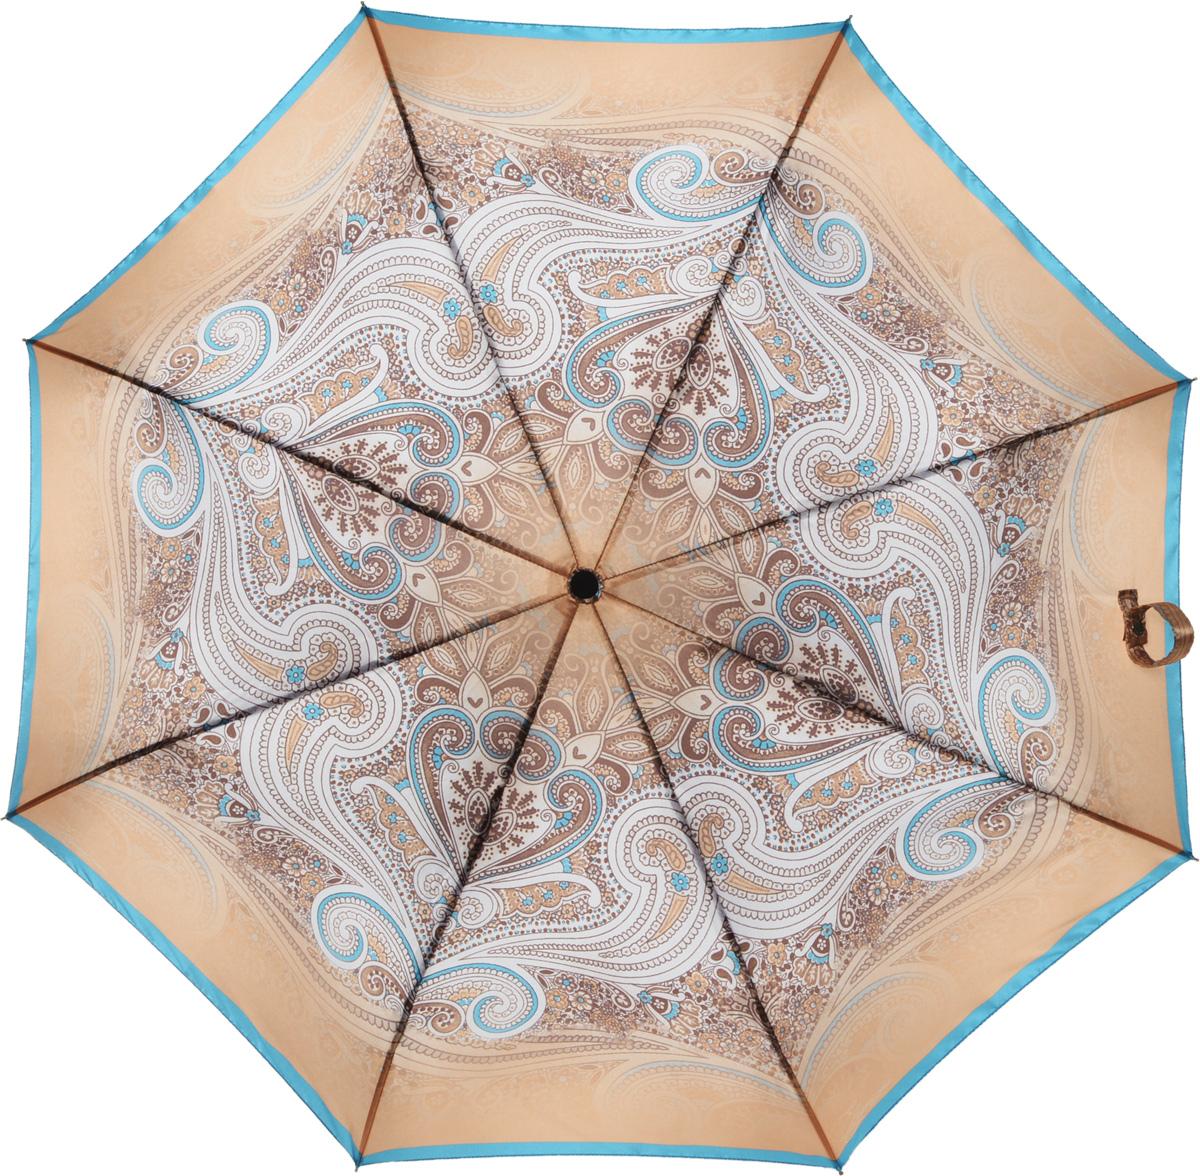 Зонт женский Eleganzza, автомат, 3 сложения, цвет: коричневый. A3-05-0293SA3-05-0293SЖенский зонт-автомат торговой марки ELEGANZZA с каркасом Smart, который позволяет без особых усилий складывать зонт, не позволяя стержню вылетать обратно. Купол: 100% полиэстер, сатин. Материал каркаса: сталь + алюминий + фибергласс. Материал ручки: пластик. Длина изделия - 30 см. Диаметр купола - 100 см. Система Smart, не позволяет стержню при сложении вылететь обратно, это облегчает сложение зонта! При сложении есть характерный звук-треск, как трещетка. Примечание: зонт не откроется с кнопки если его не закрыть до щелчка!